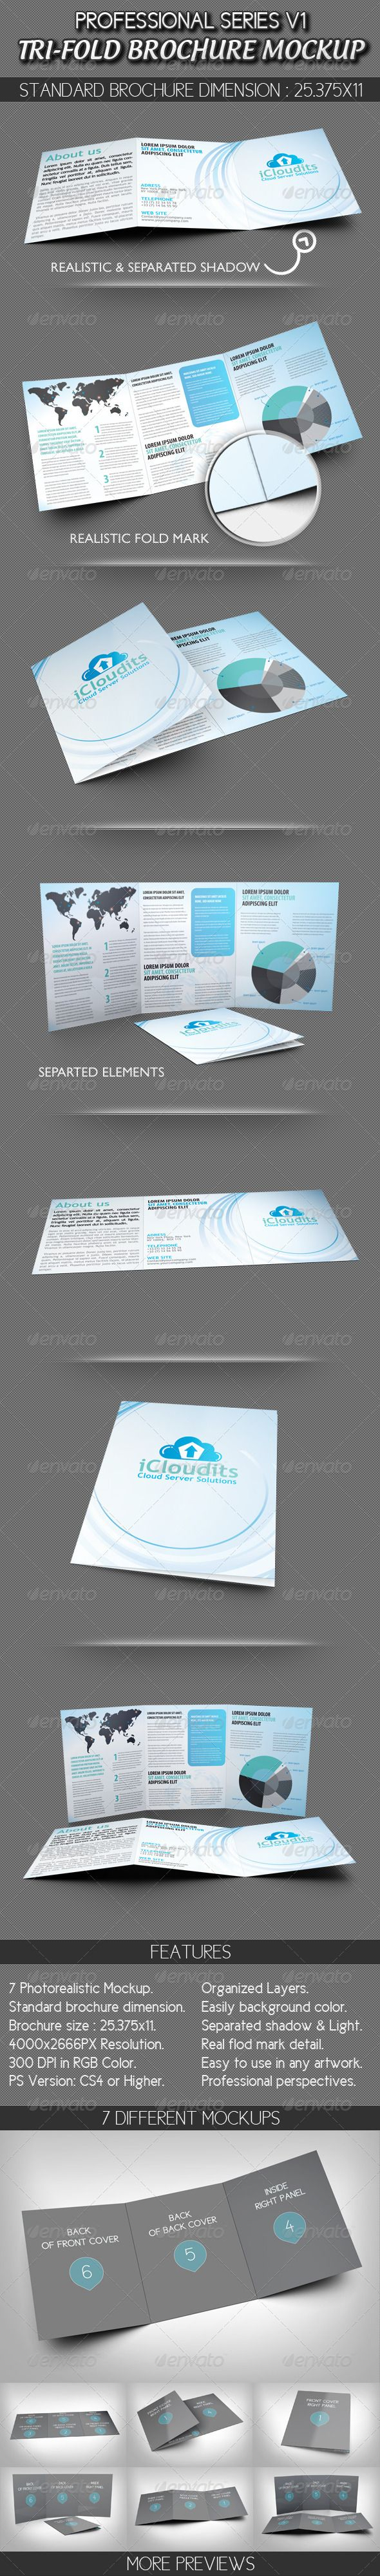 Professional Tri-fold Brochure Mockup V1 - GraphicRiver Item for Sale